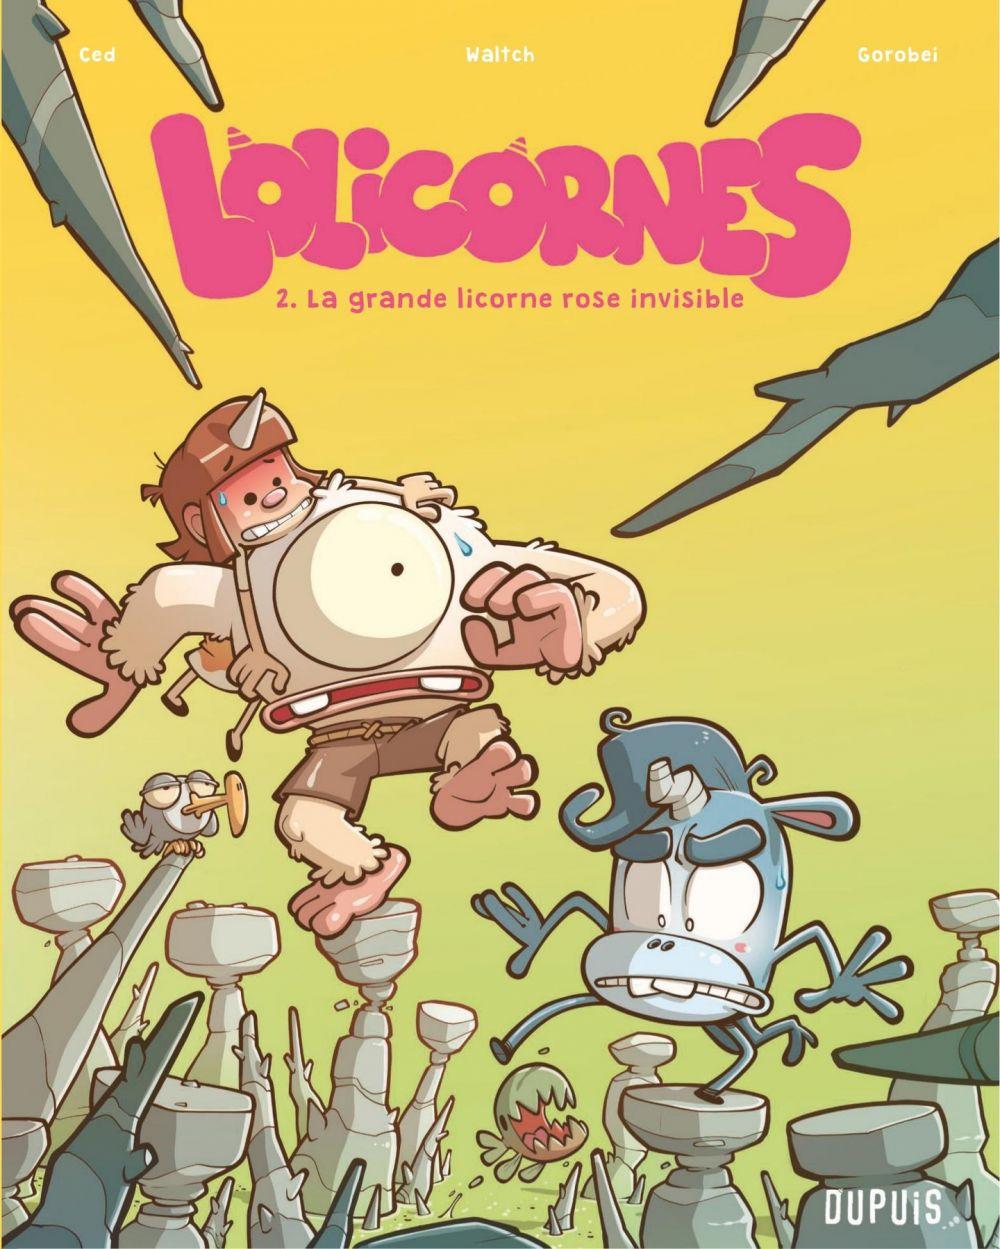 Lolicornes - Tome 2 - La grande licorne rose invisible |